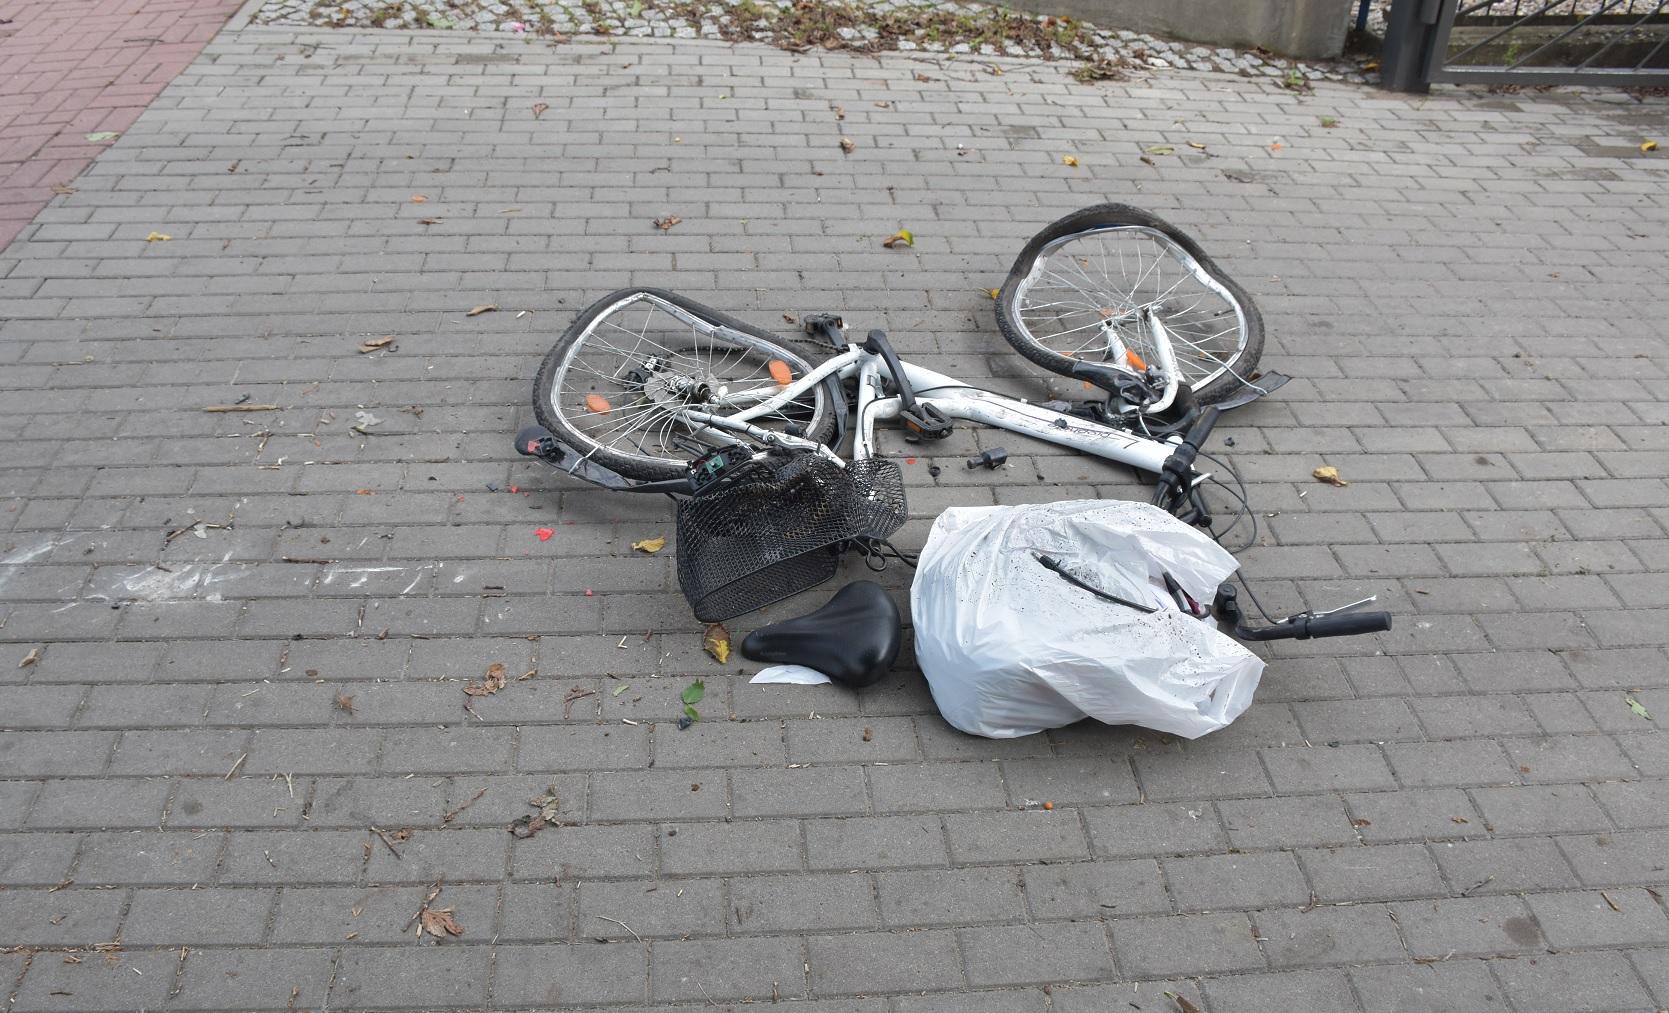 Miejsce zdarzenia drogowego w Działdowie Miejsce zdarzenia drogowego w Działdowie. Uszkodzony rower